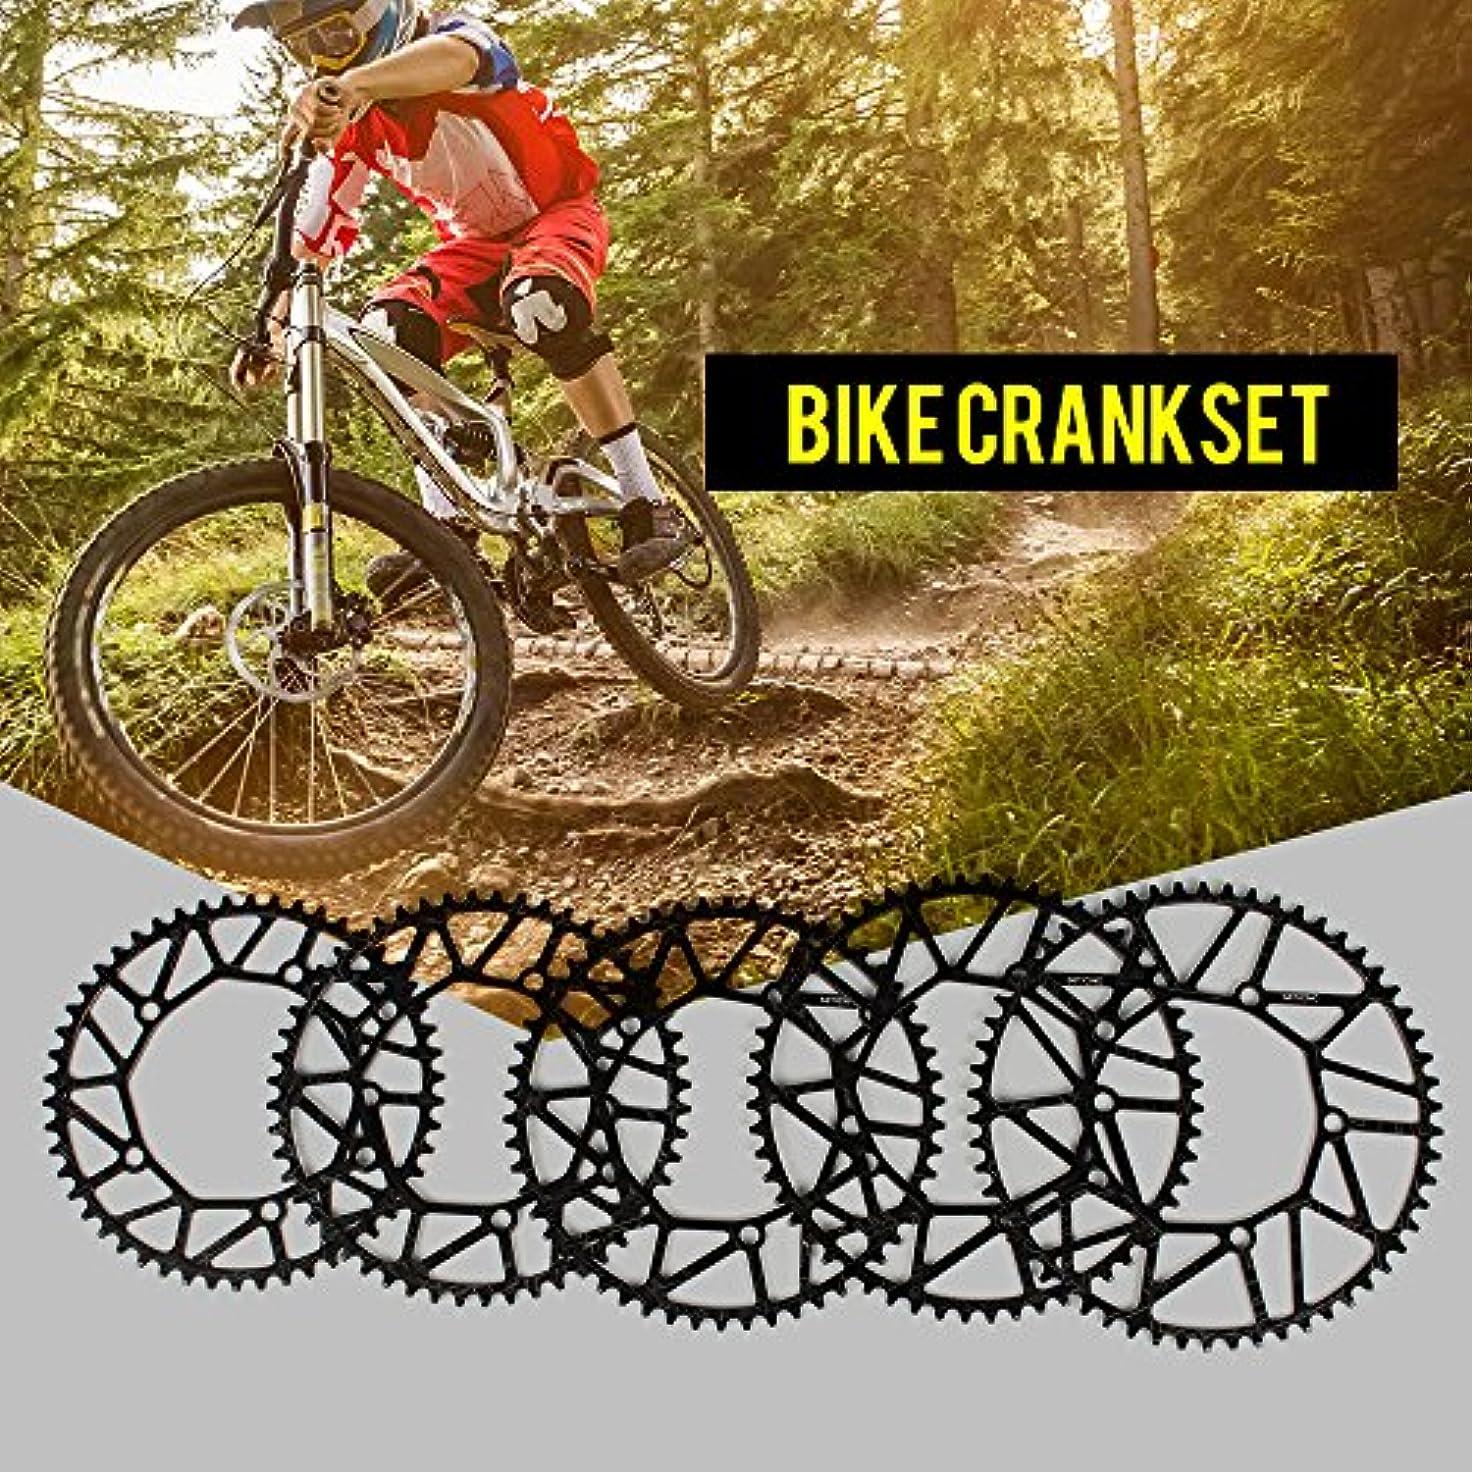 比較的バージン支配するRakuby バイクナロー ワイドチェーンリング クランクセット オーバル ラウンドシングル チェーンホイール MTBマウンテン バイク BCD 104MMチェーンリング 32T / 34T / 36T